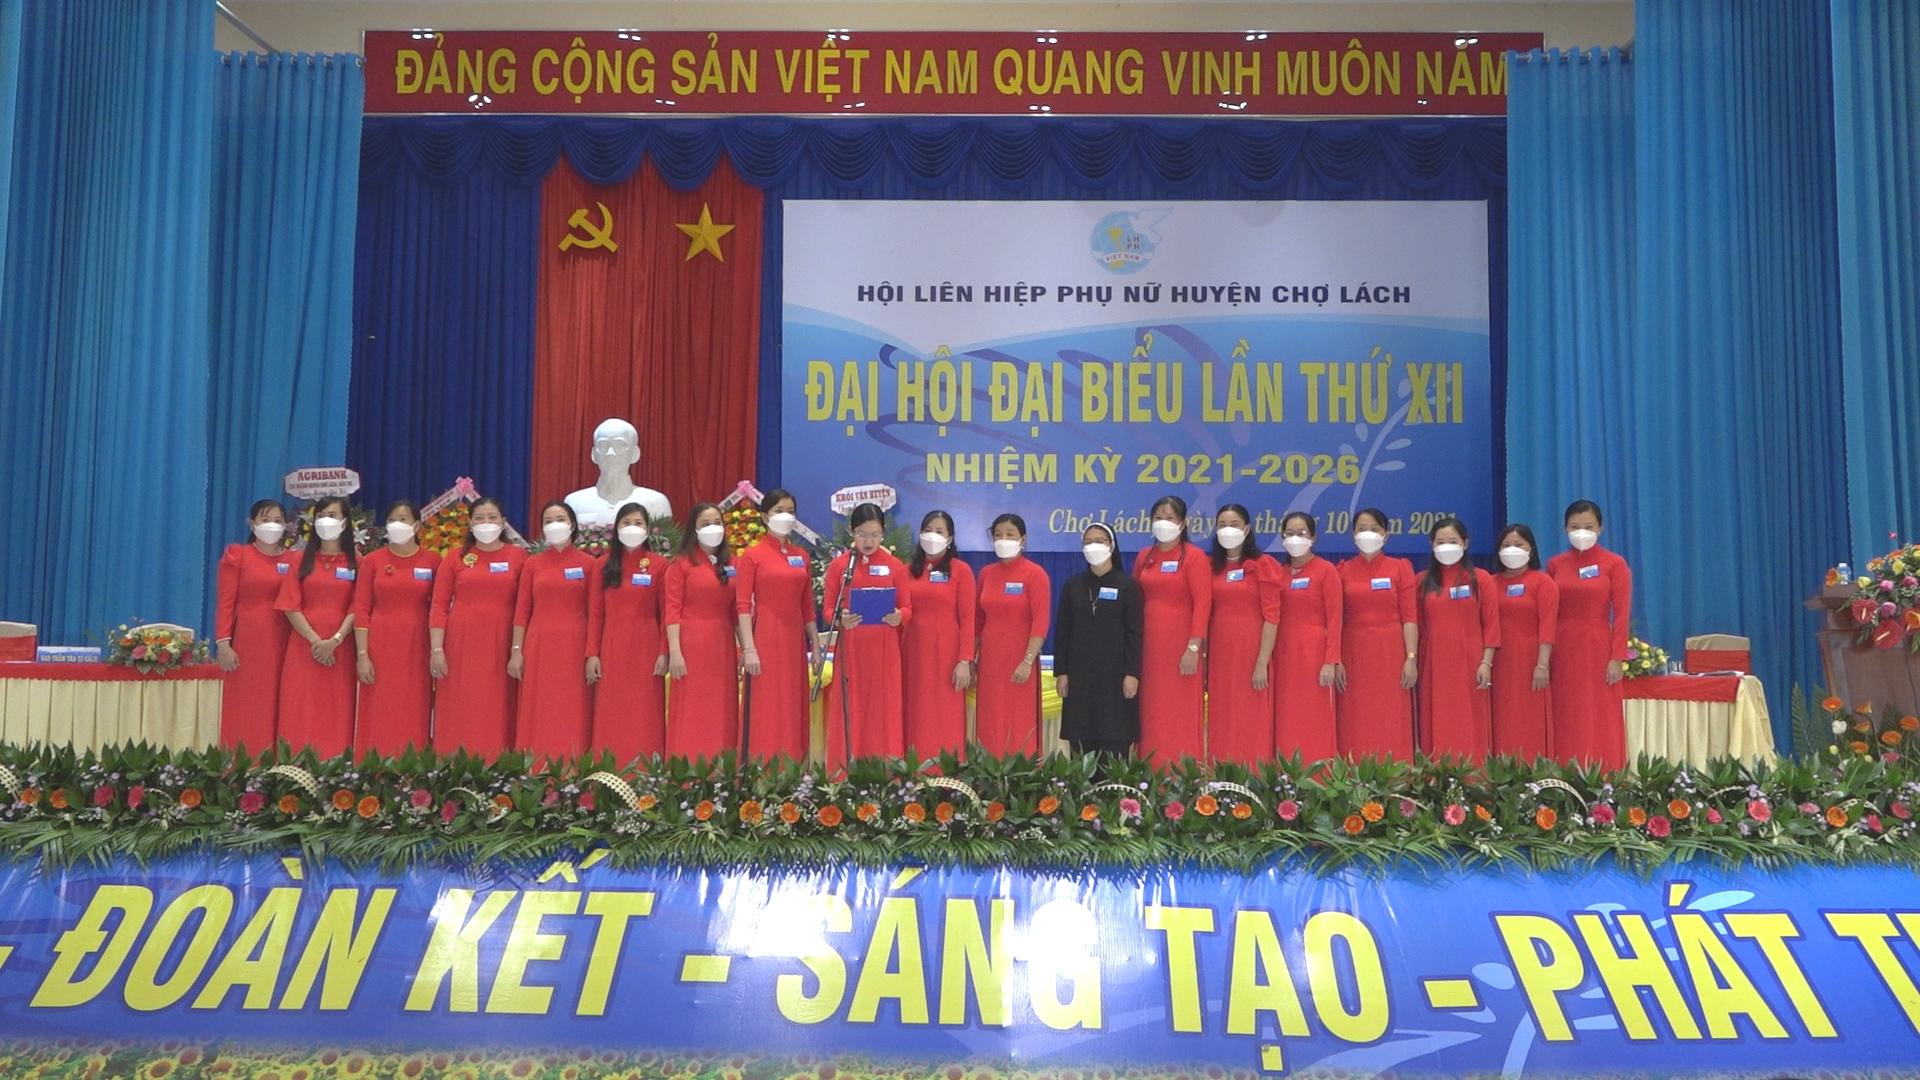 Đại hội đại biểu Phụ nữ huyện Chợ Lách khóa XII, nhiệm kỳ 2021 - 2026